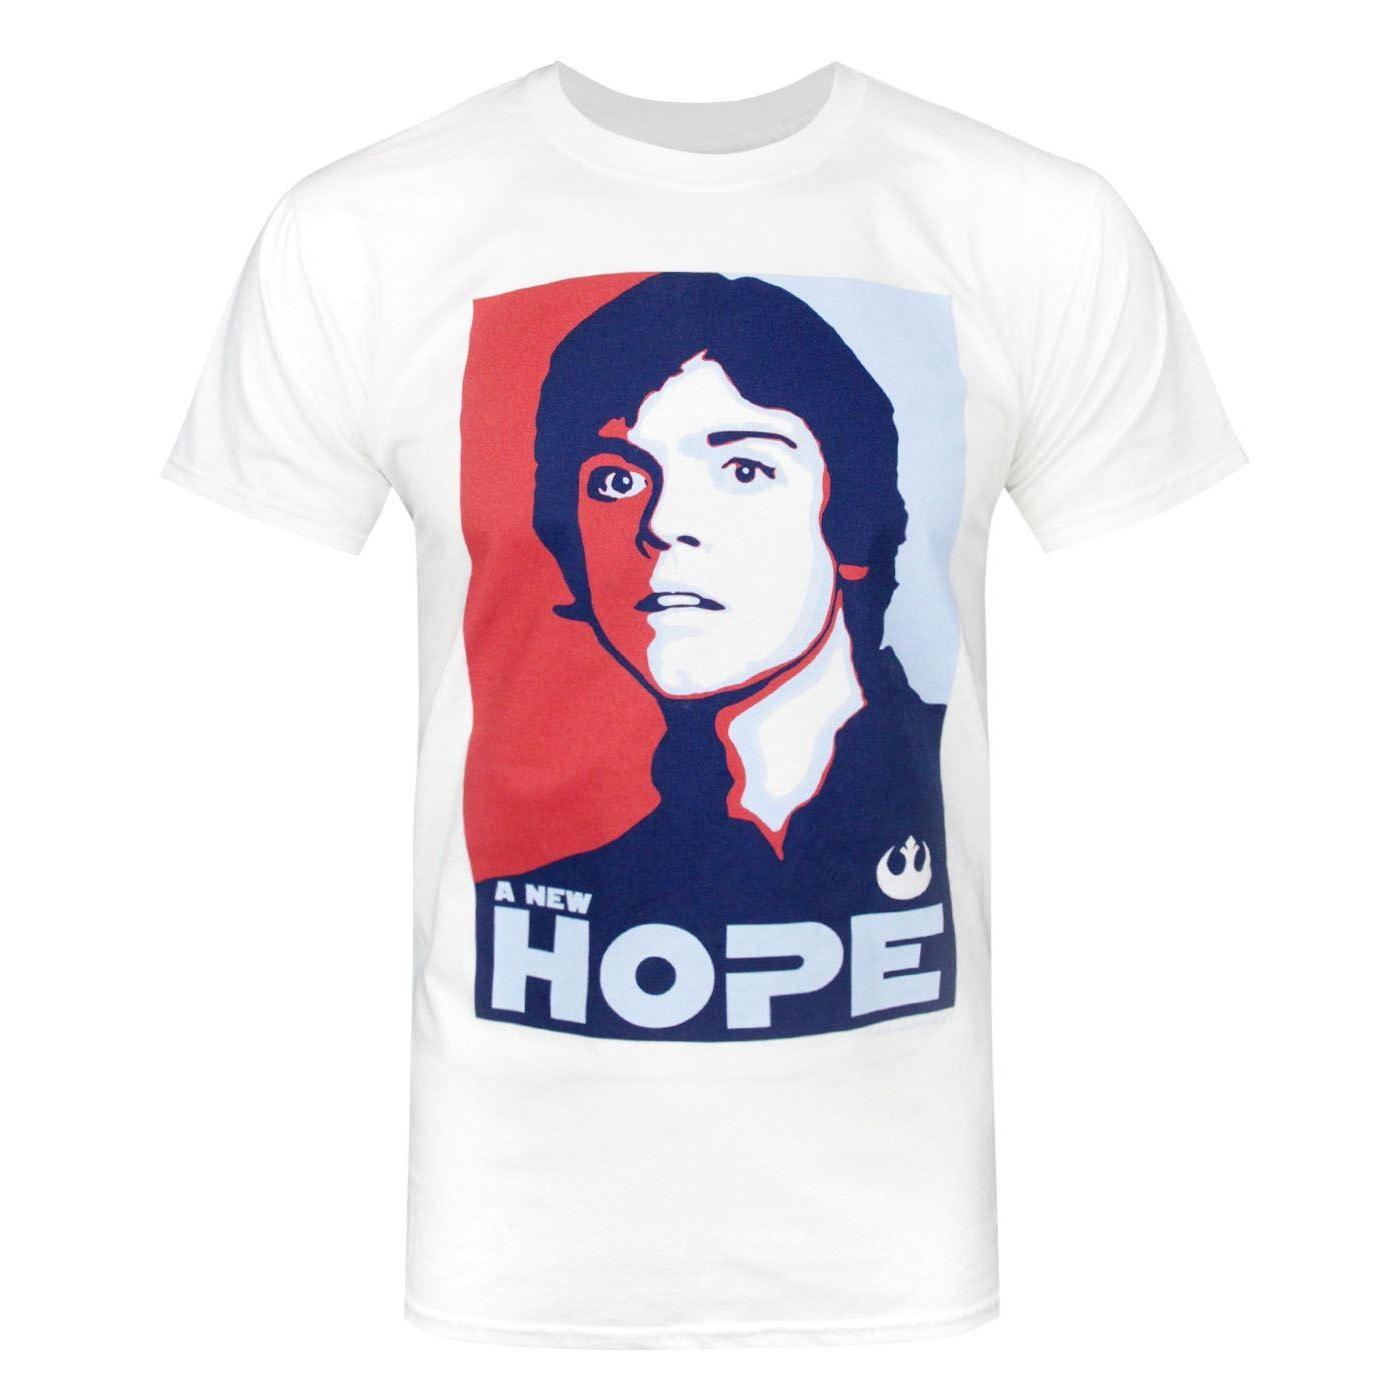 Star-Wars-Official-Mens-Luke-Skywalker-A-New-Hope-T-Shirt-NS4756